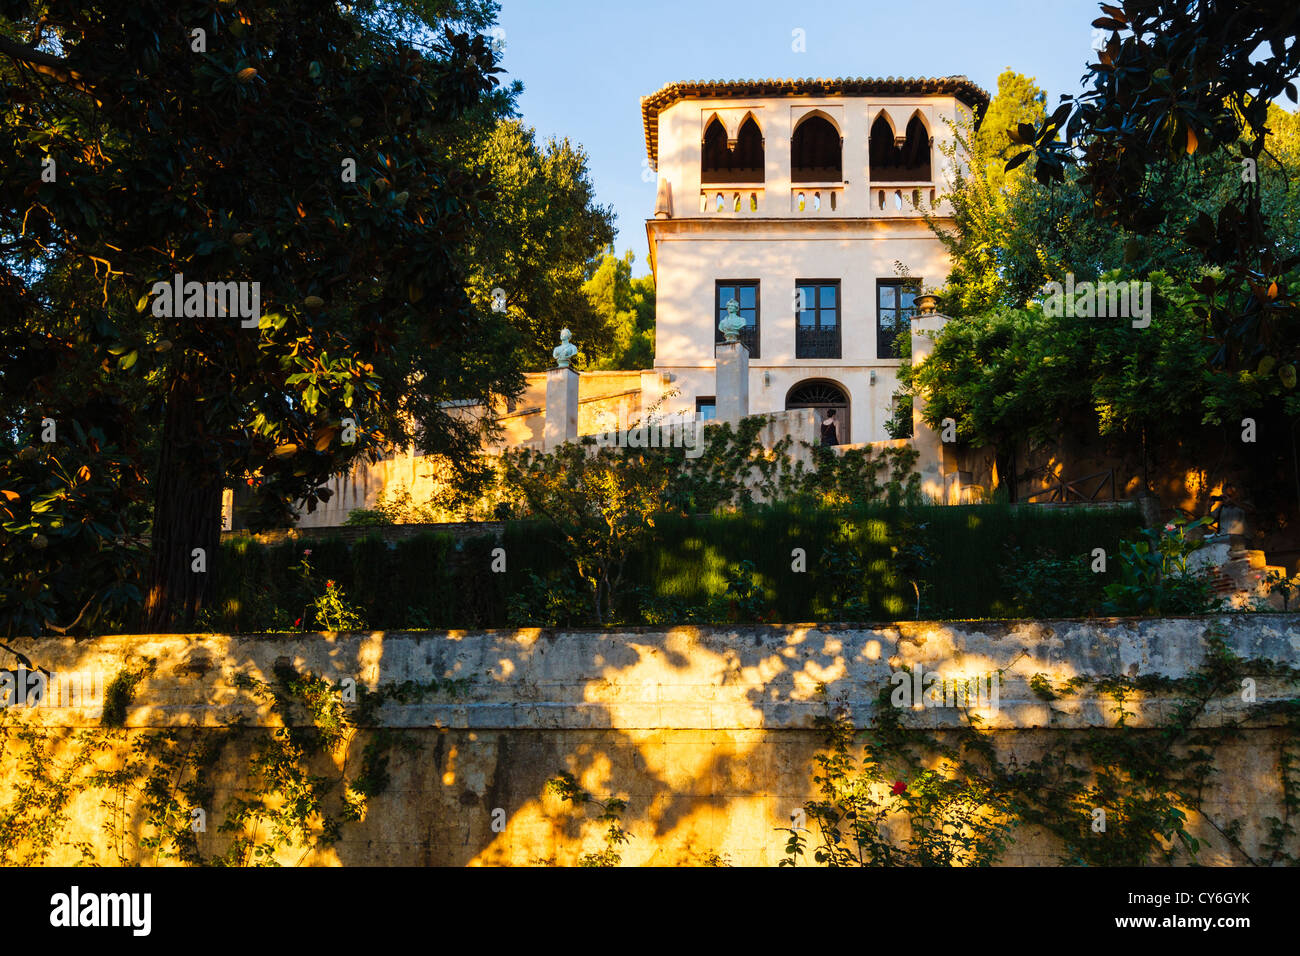 XIX. Jh. romantische Pavillon im neugotischen Stil in den Gärten des Generalife. Granada, Andalusien, Spanien Stockbild